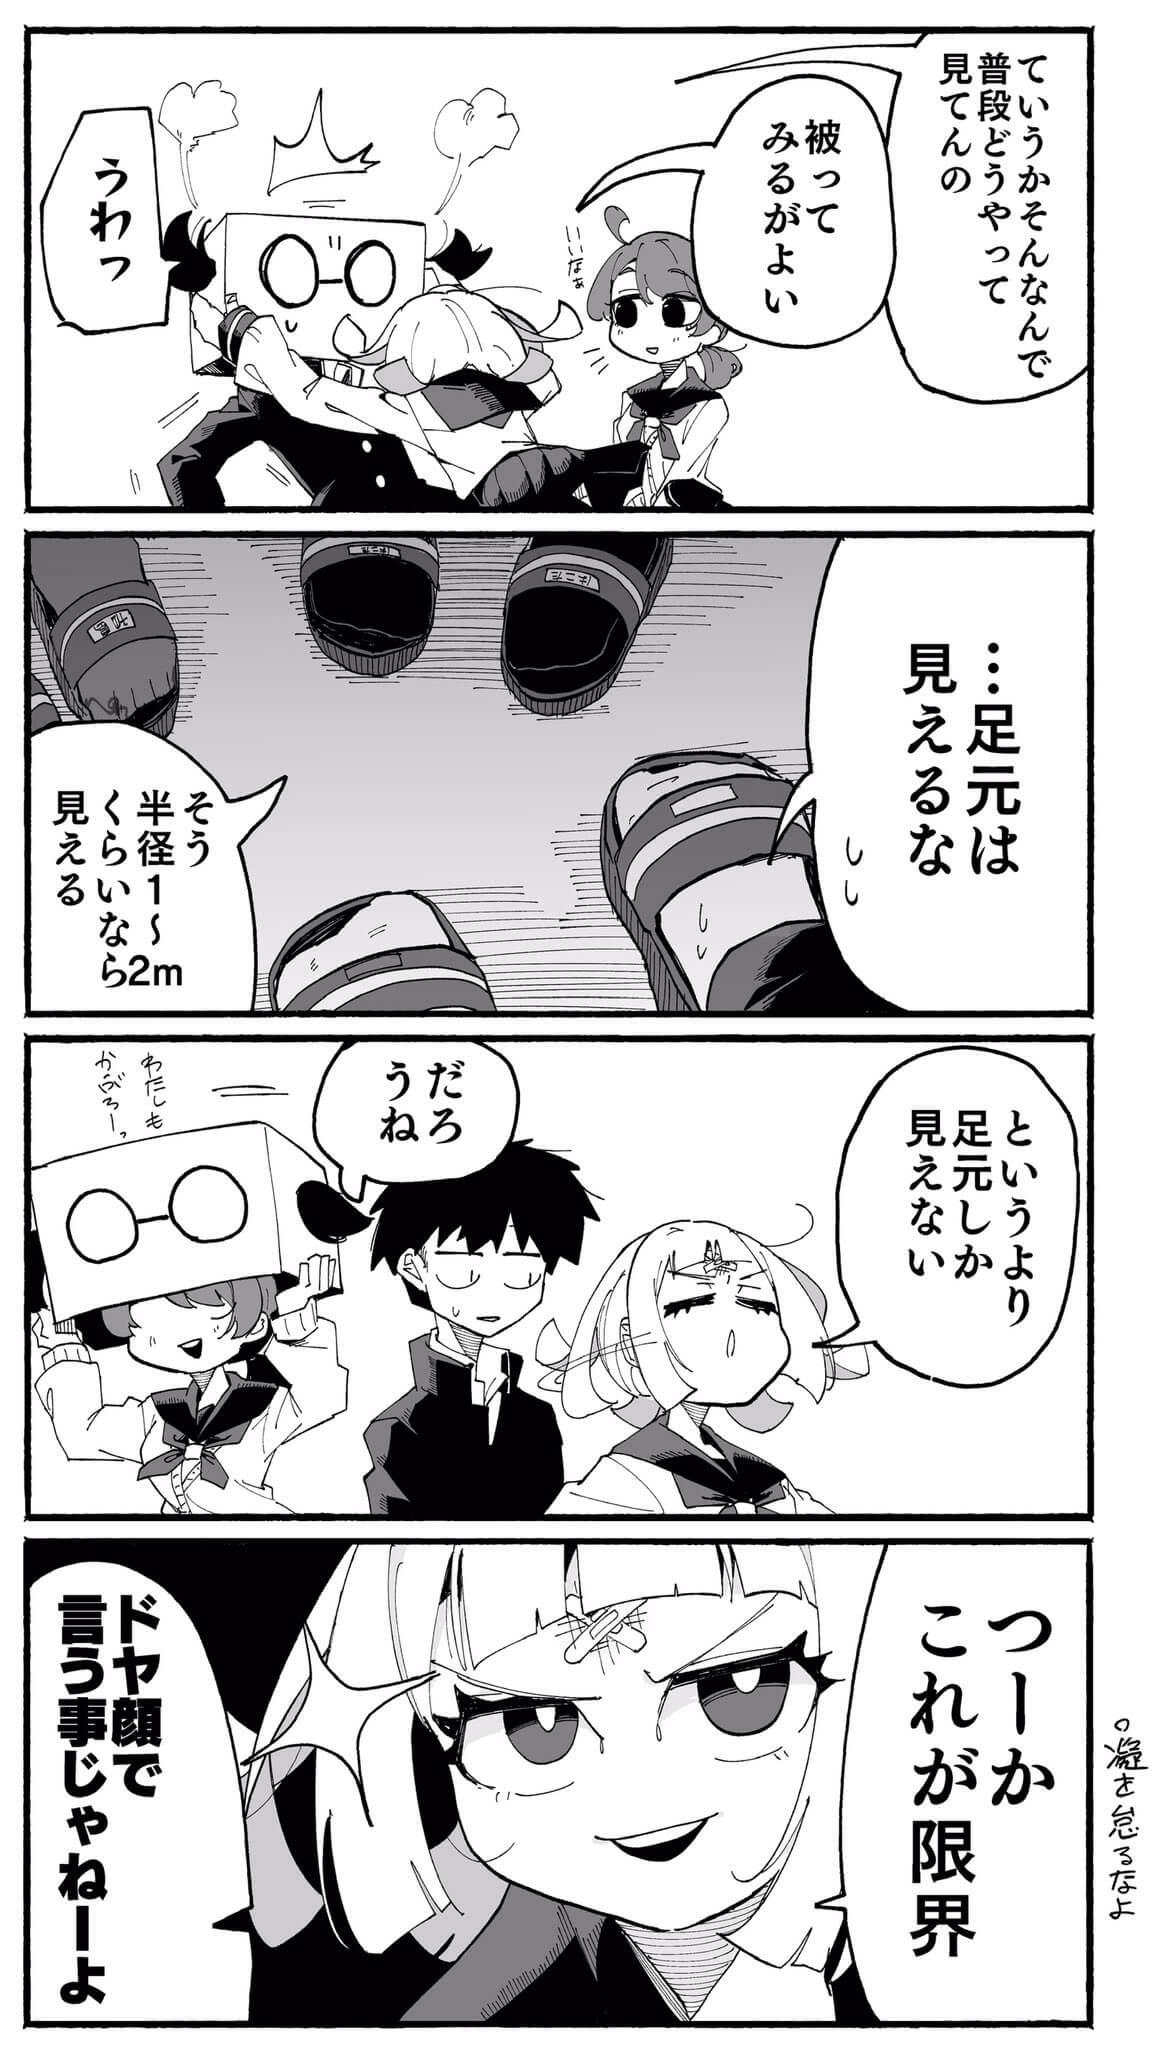 ハコ女子05